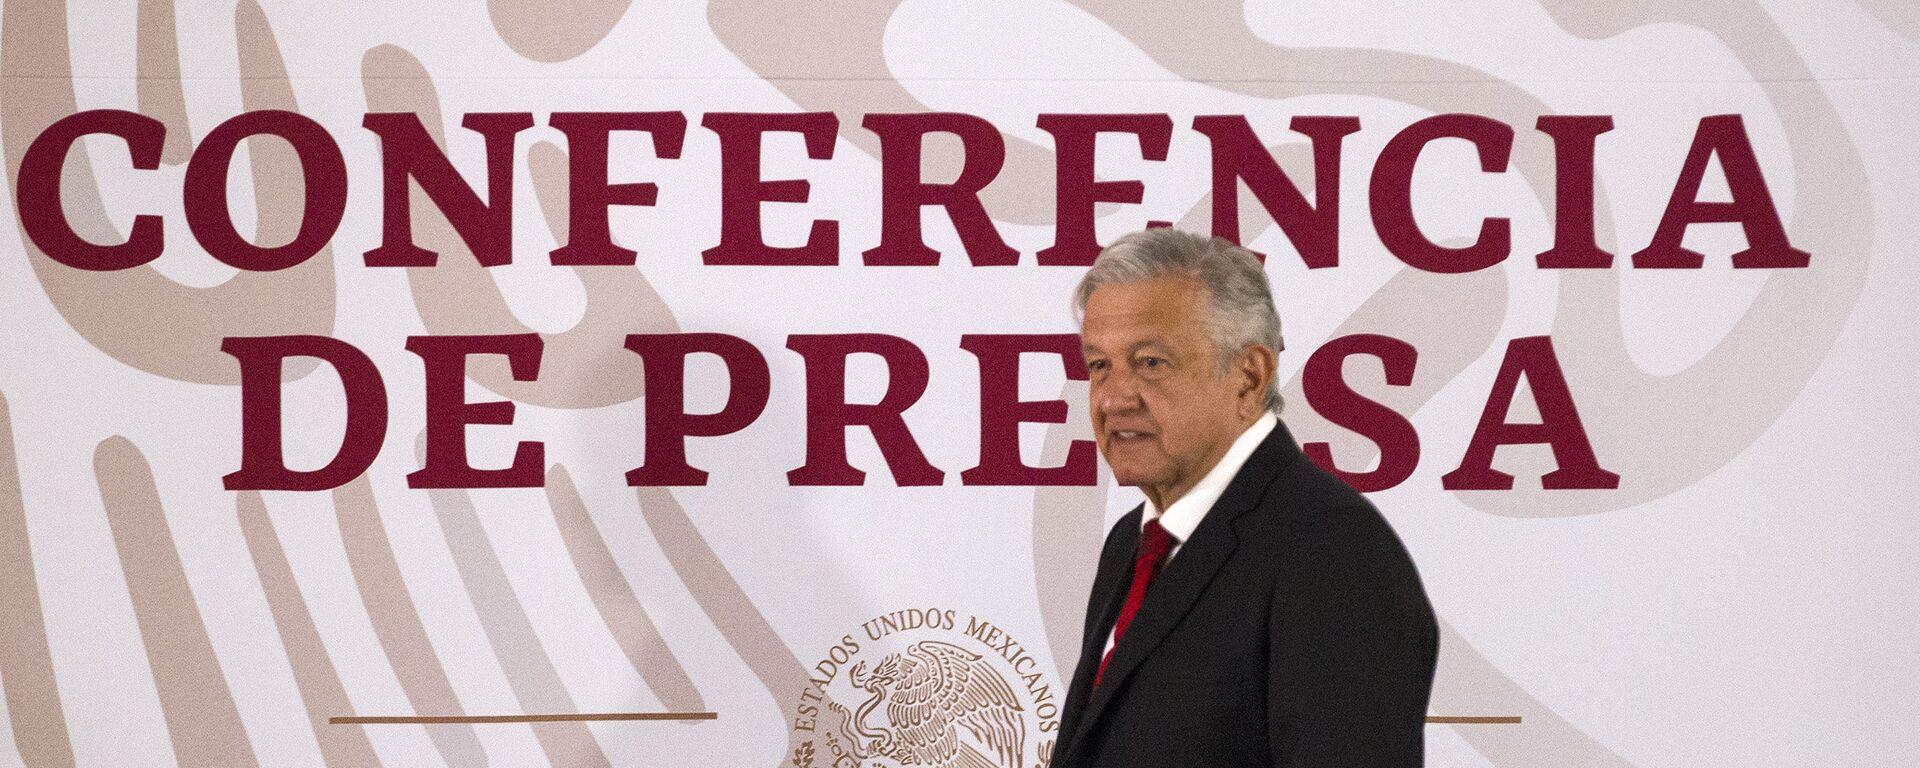 Andrés Manuel López Obrador, presidente de México - Sputnik Mundo, 1920, 30.08.2021